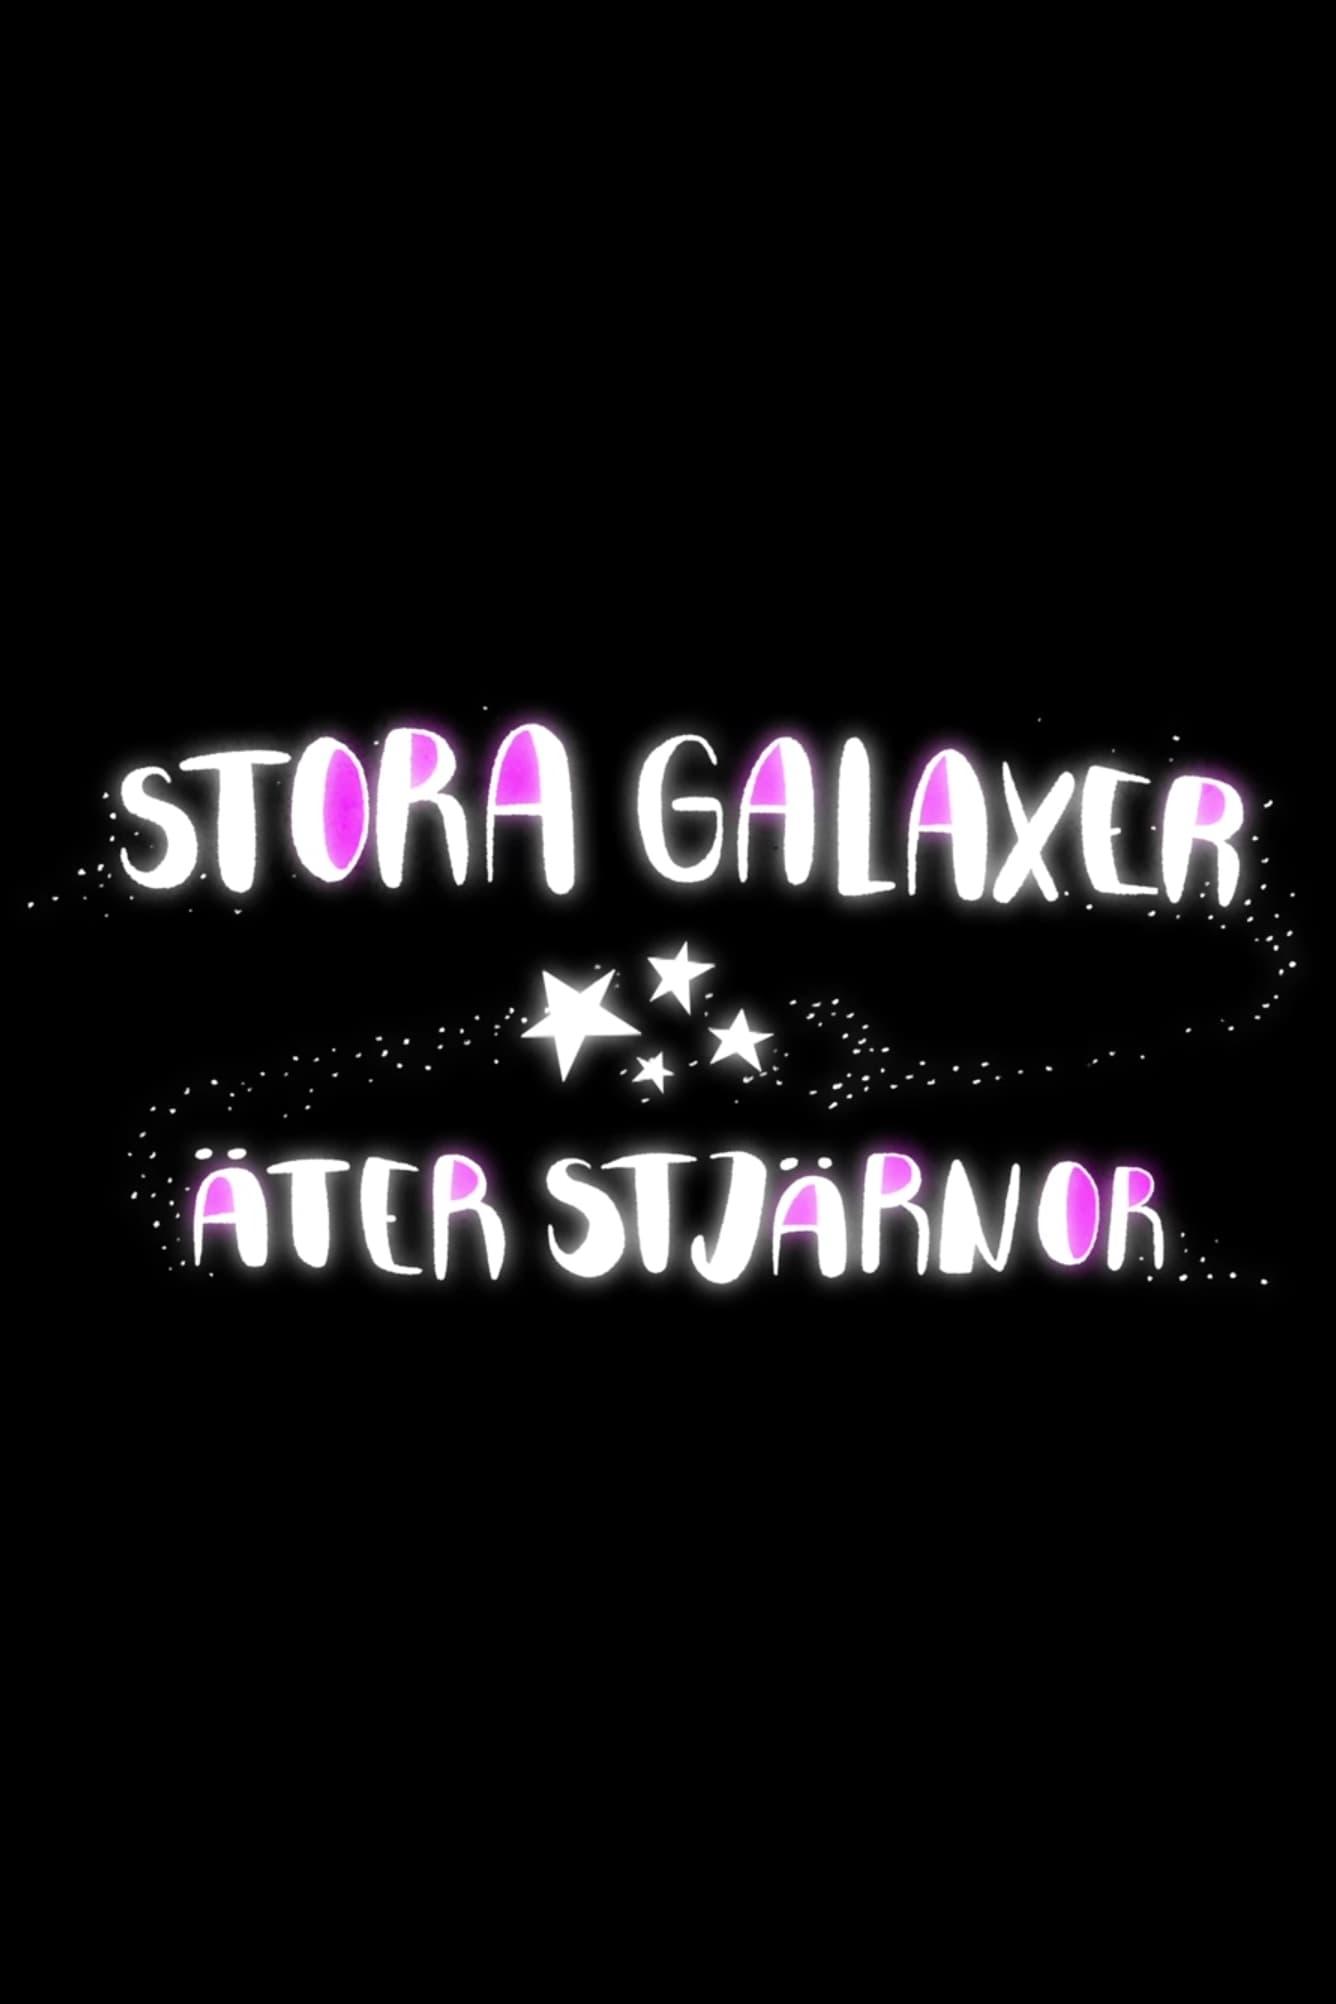 Stora galaxer äter stjärnor (2019)